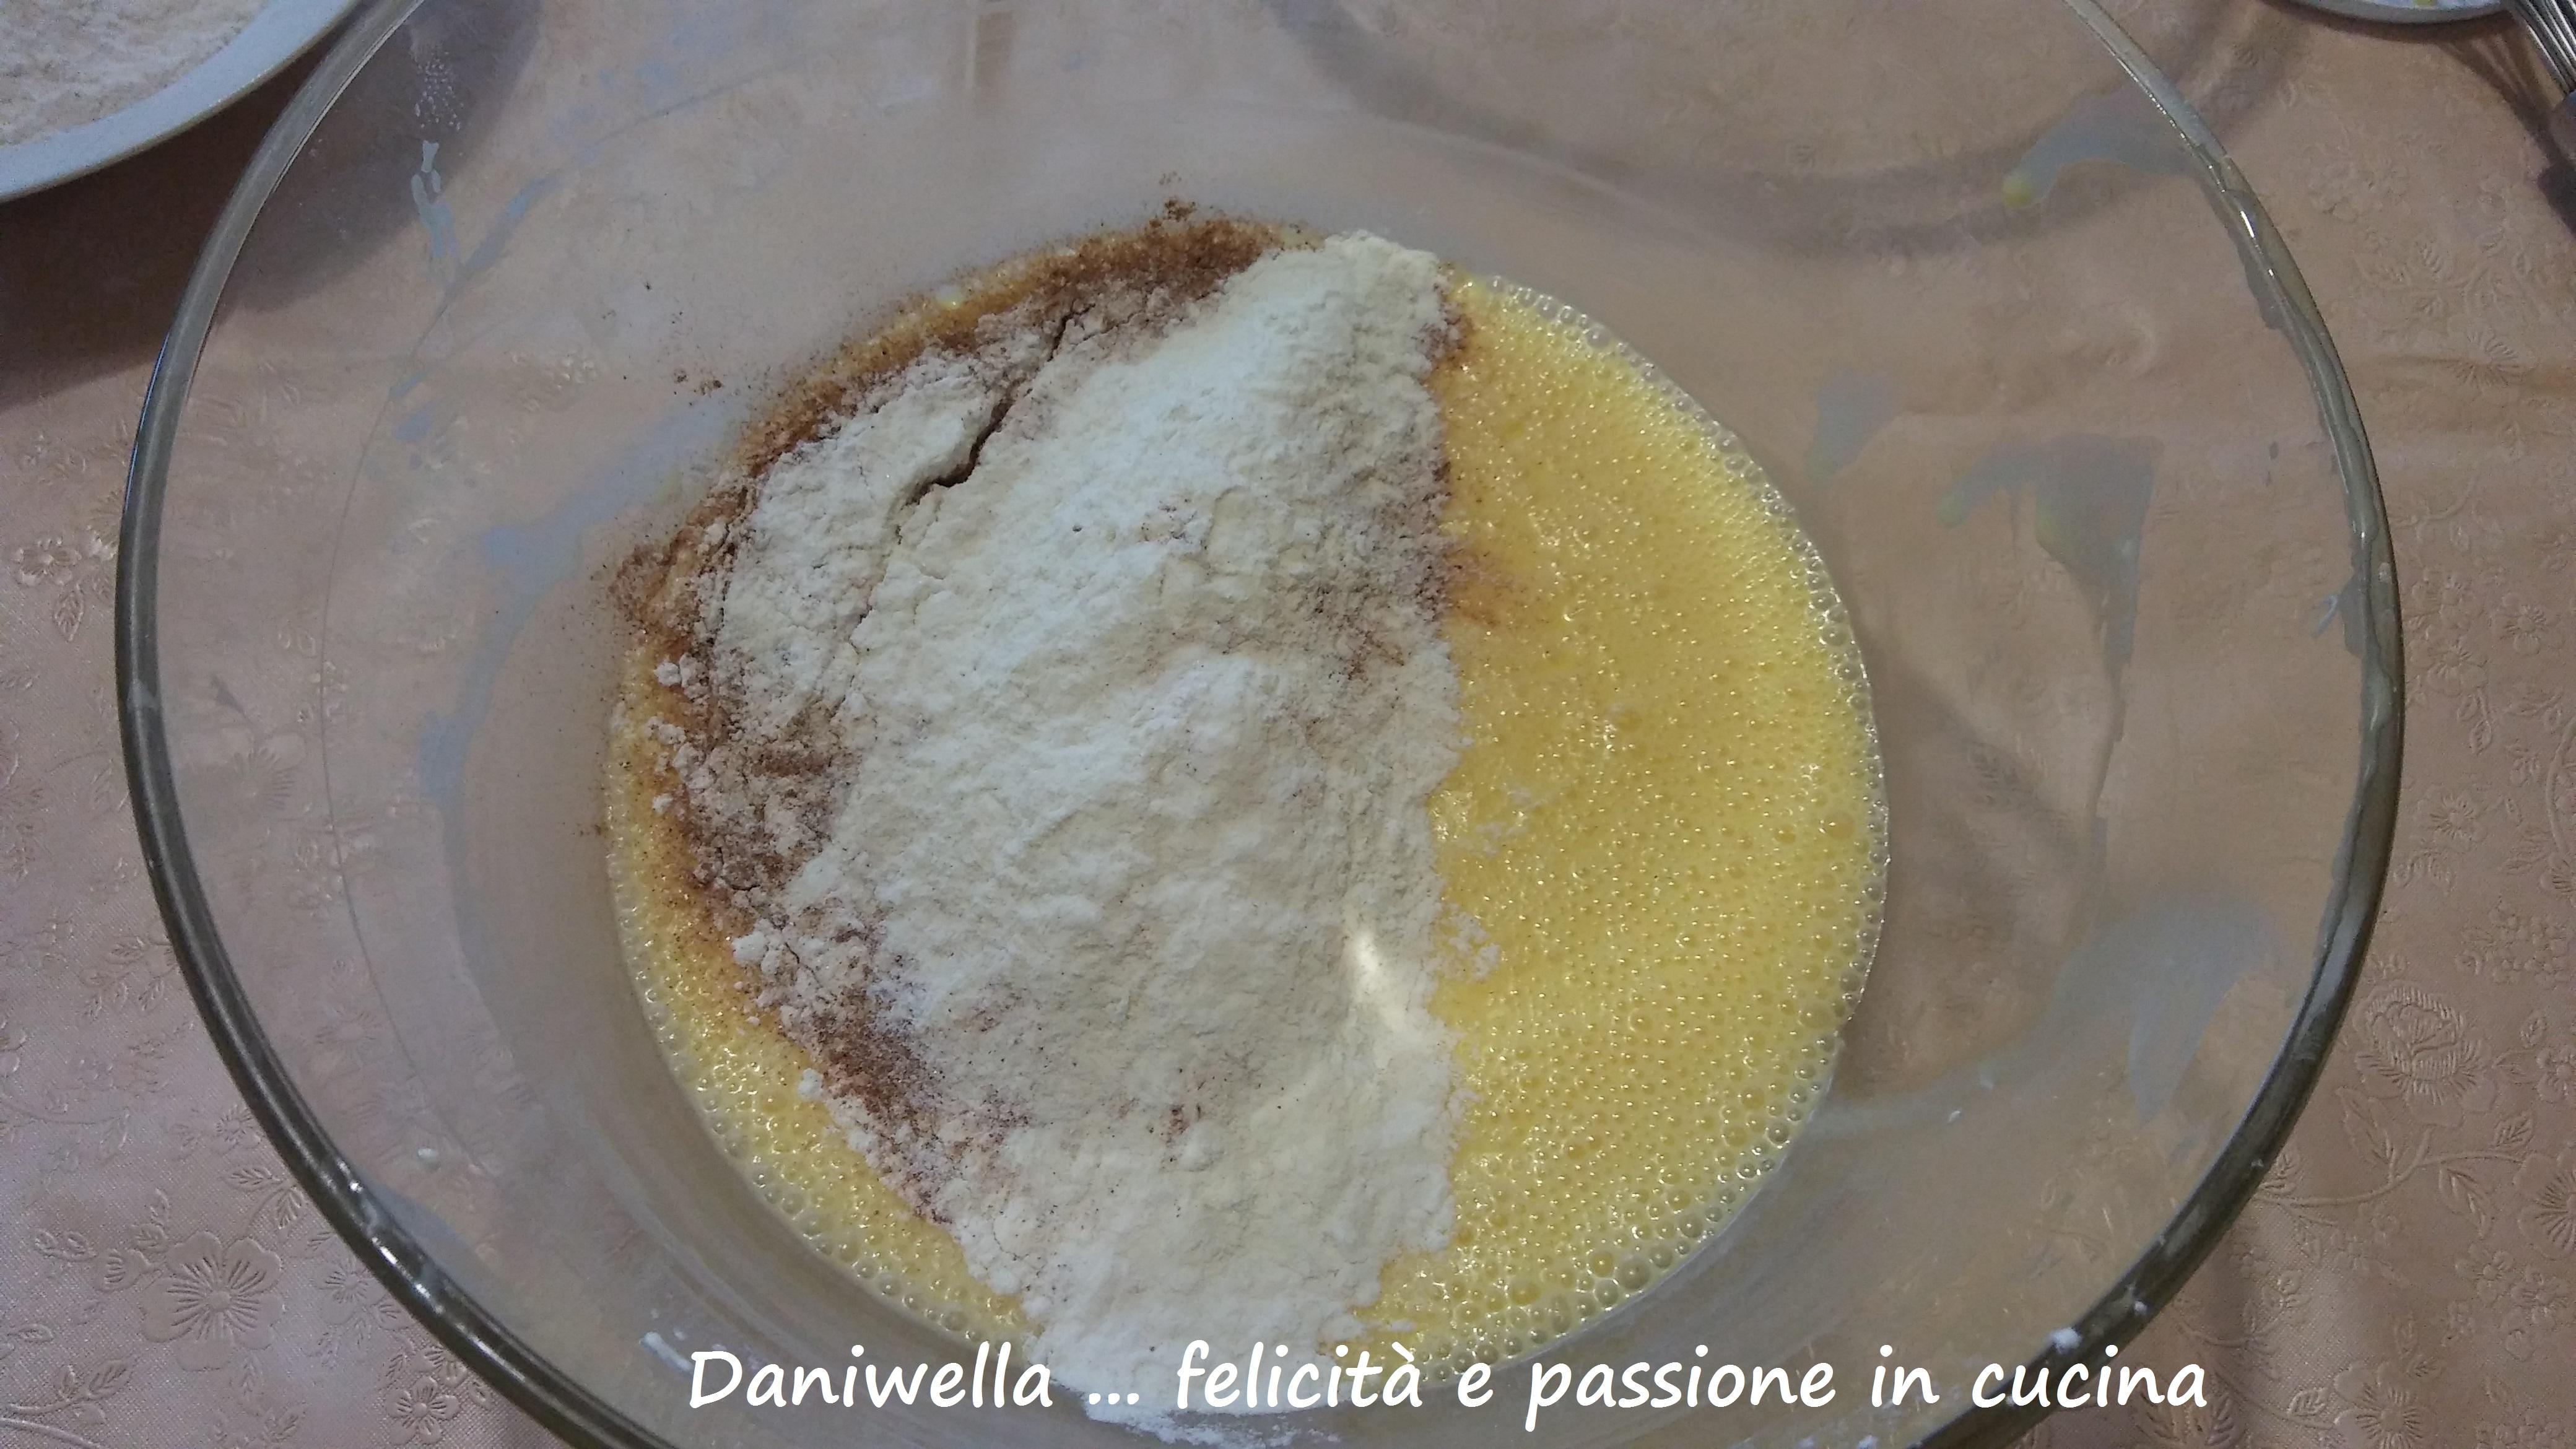 Ora aggiungete lo zucchero, la cannella, la scorza del limone, la vaniglia, il sale e la farina setacciata.